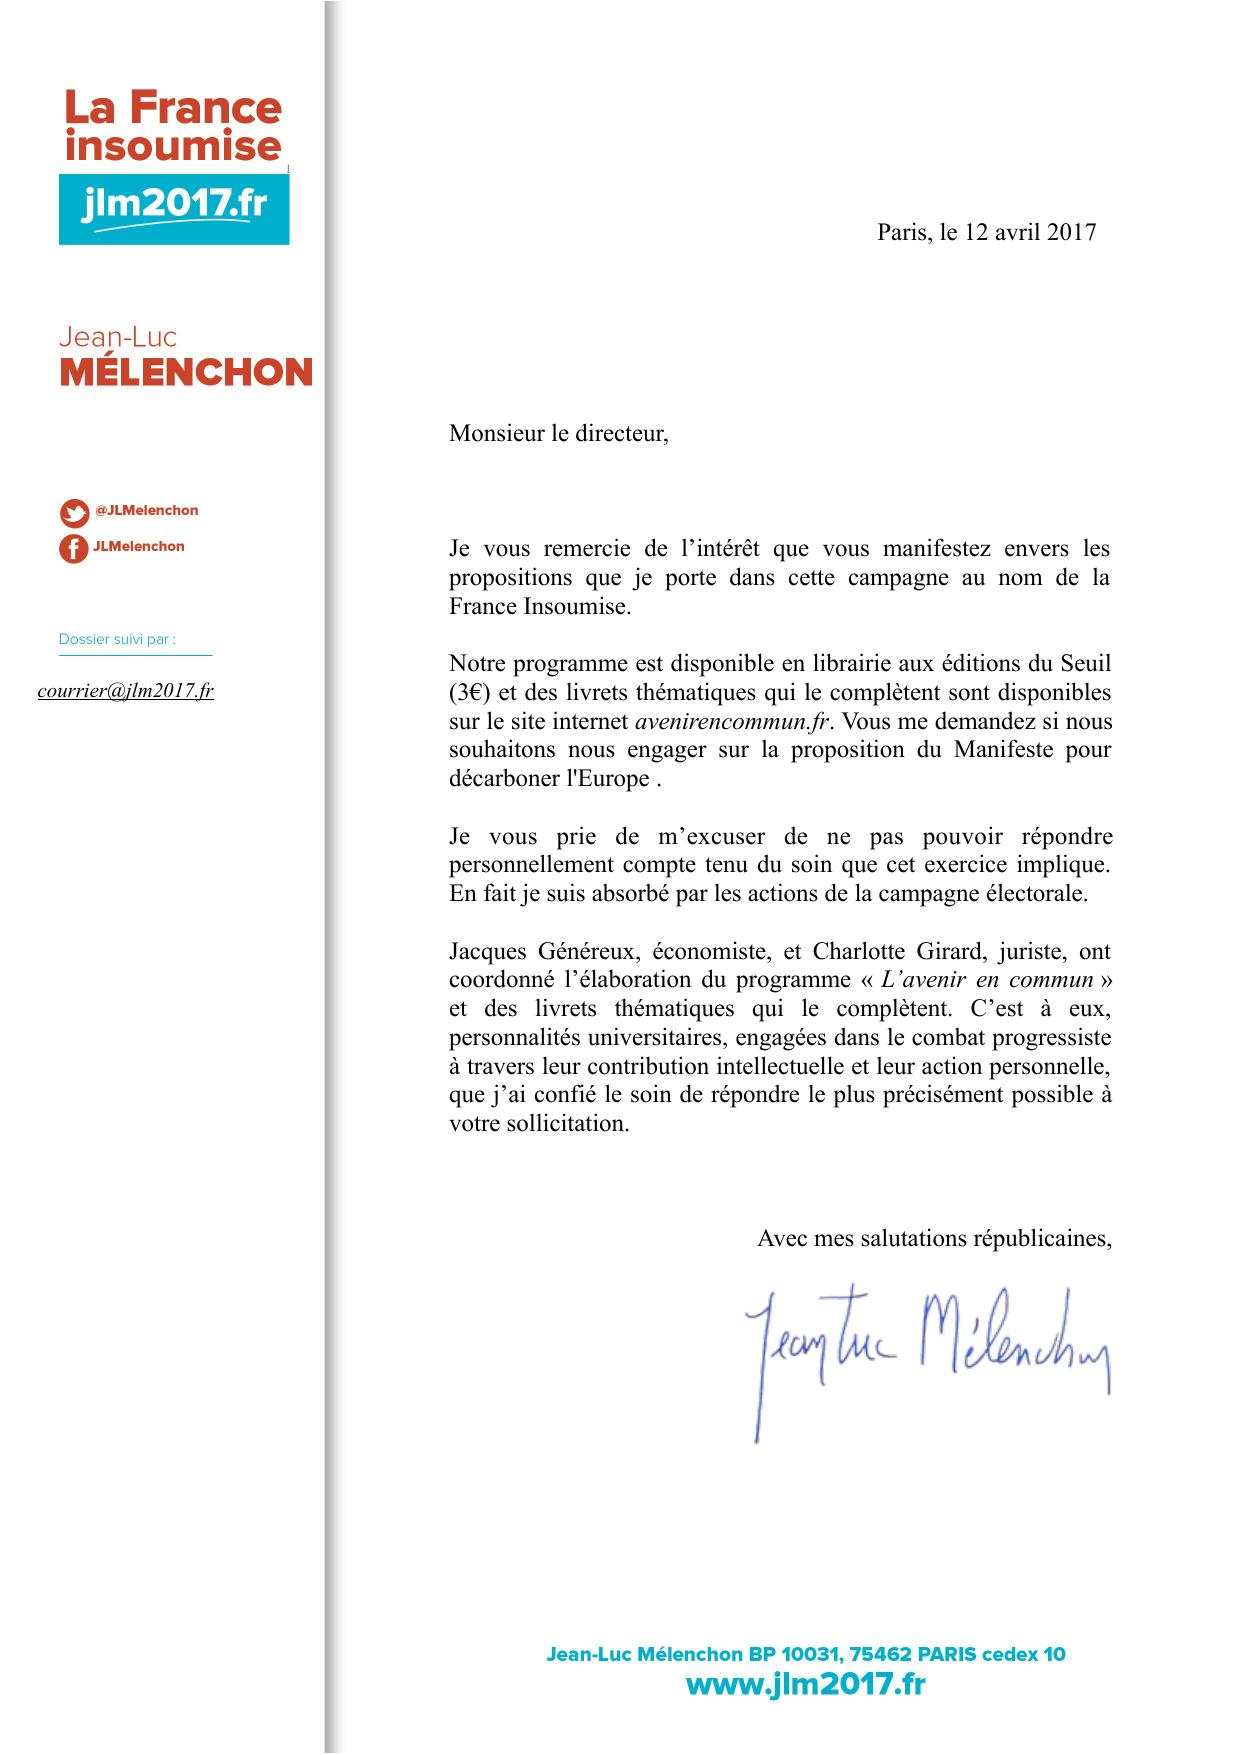 Paris, le 12 avril 2017 Monsieur le directeur, Je vous remercie de l